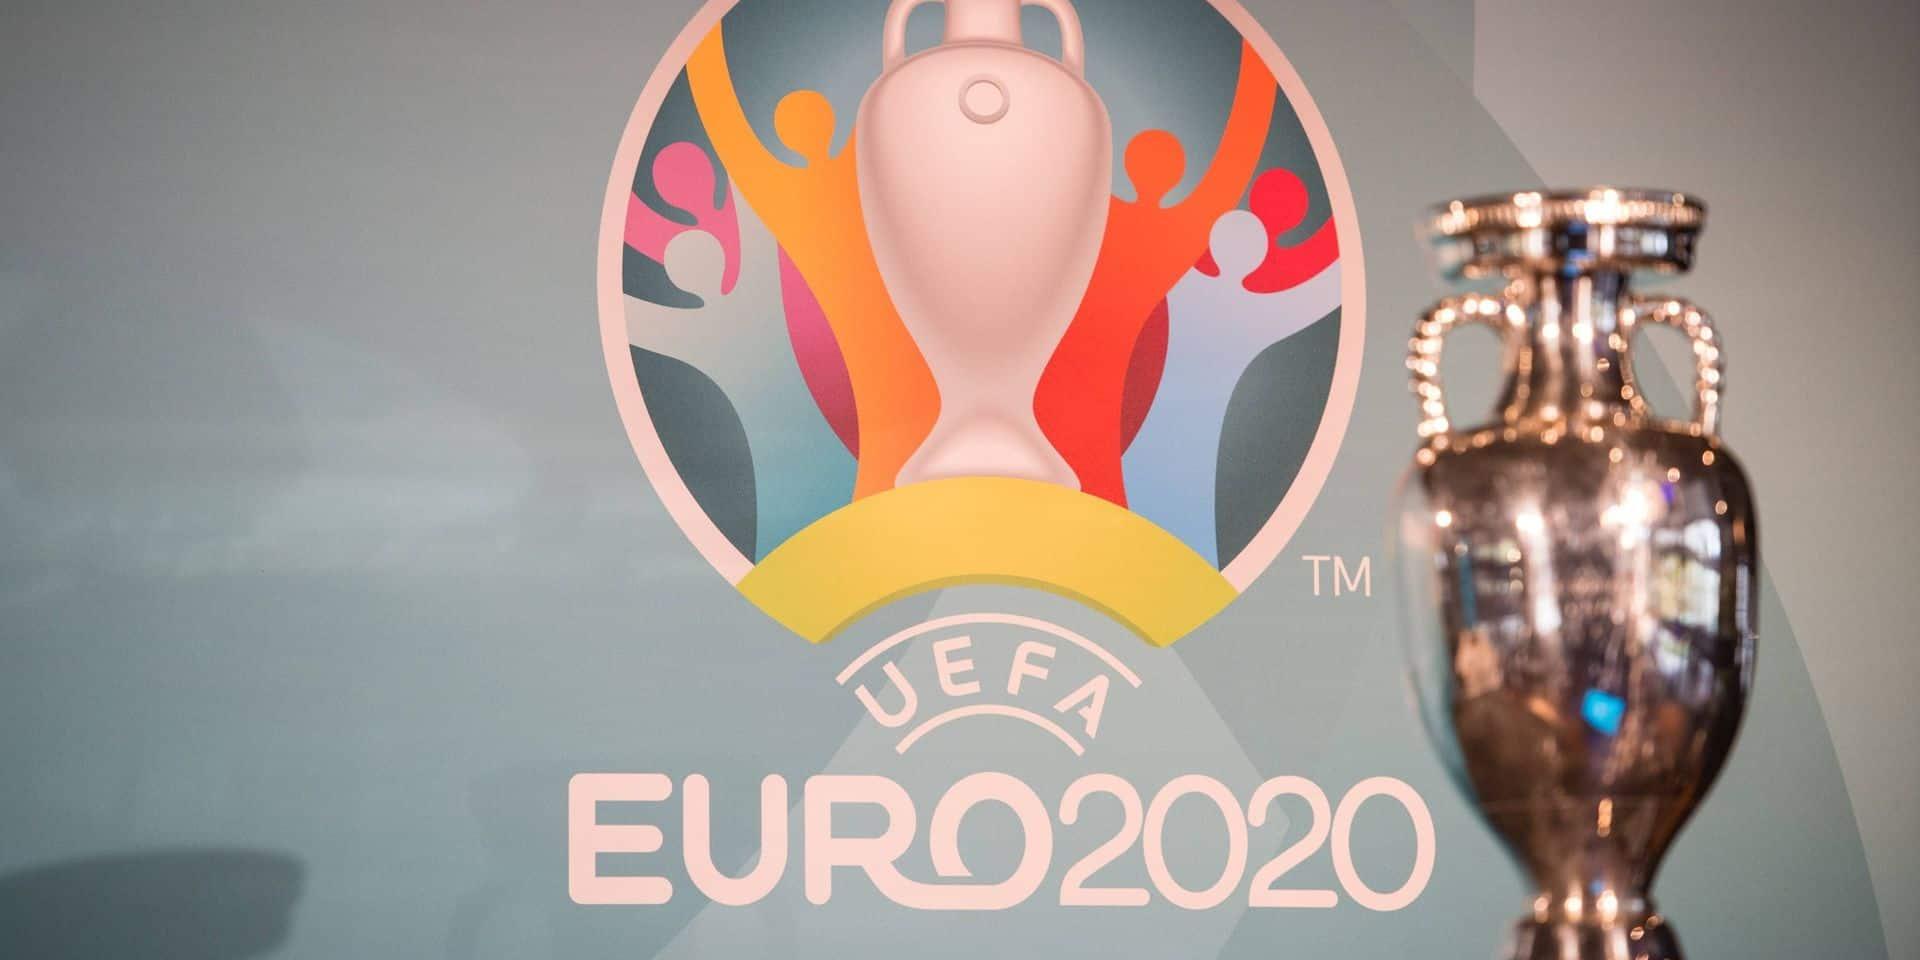 Logo et coupe de l'UEFA Euro 2020 : au programme, des matches, des buts... et des victoires !